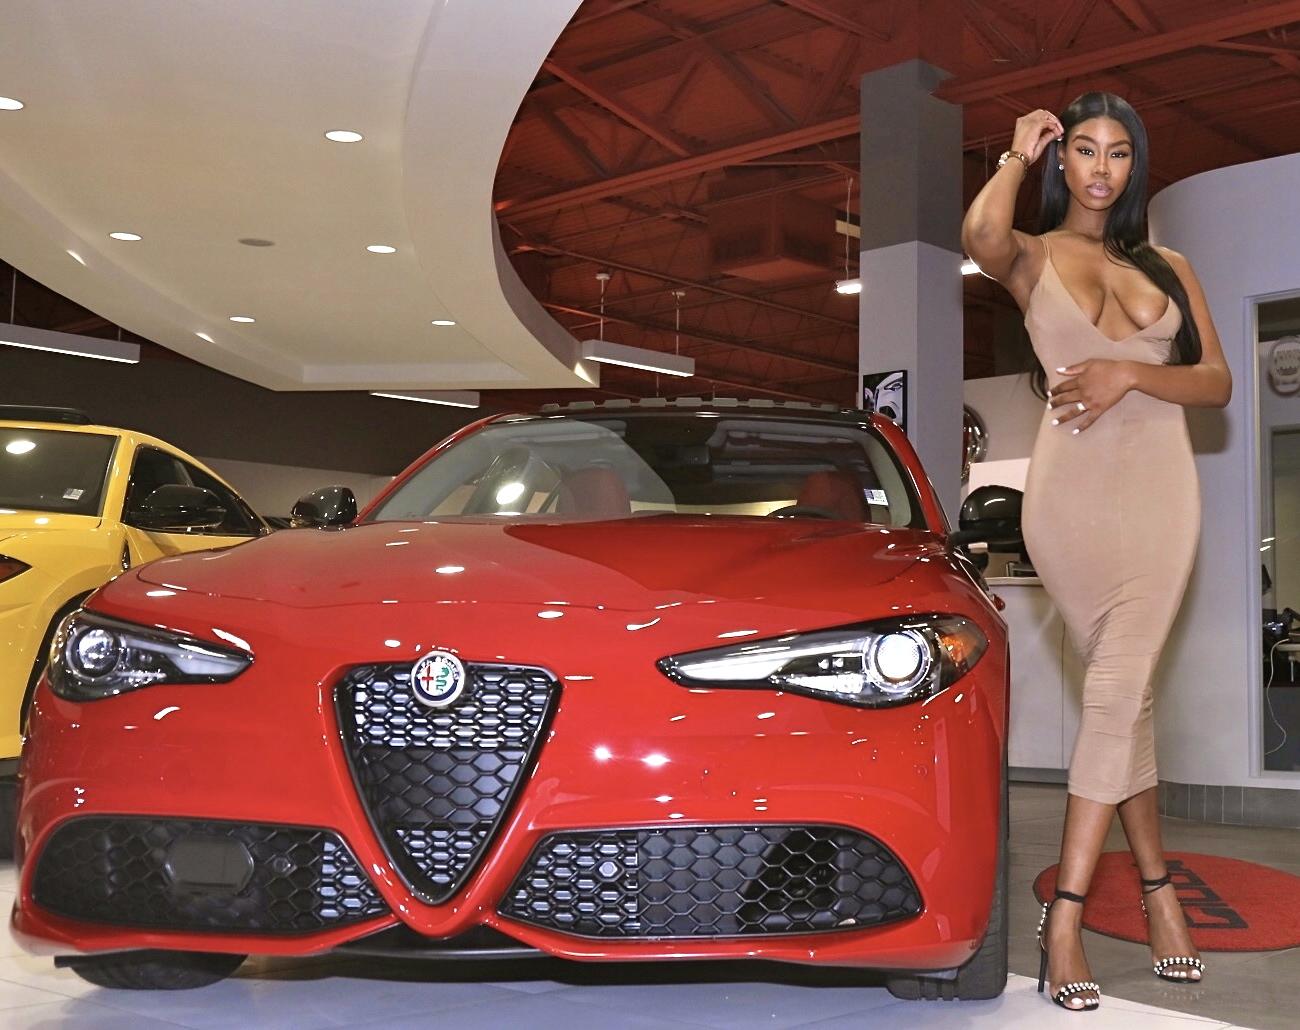 Image provided by Palmetto Alfa Romeo Fiat Alfa - Car Model: Romeo Giulia Nero Edition